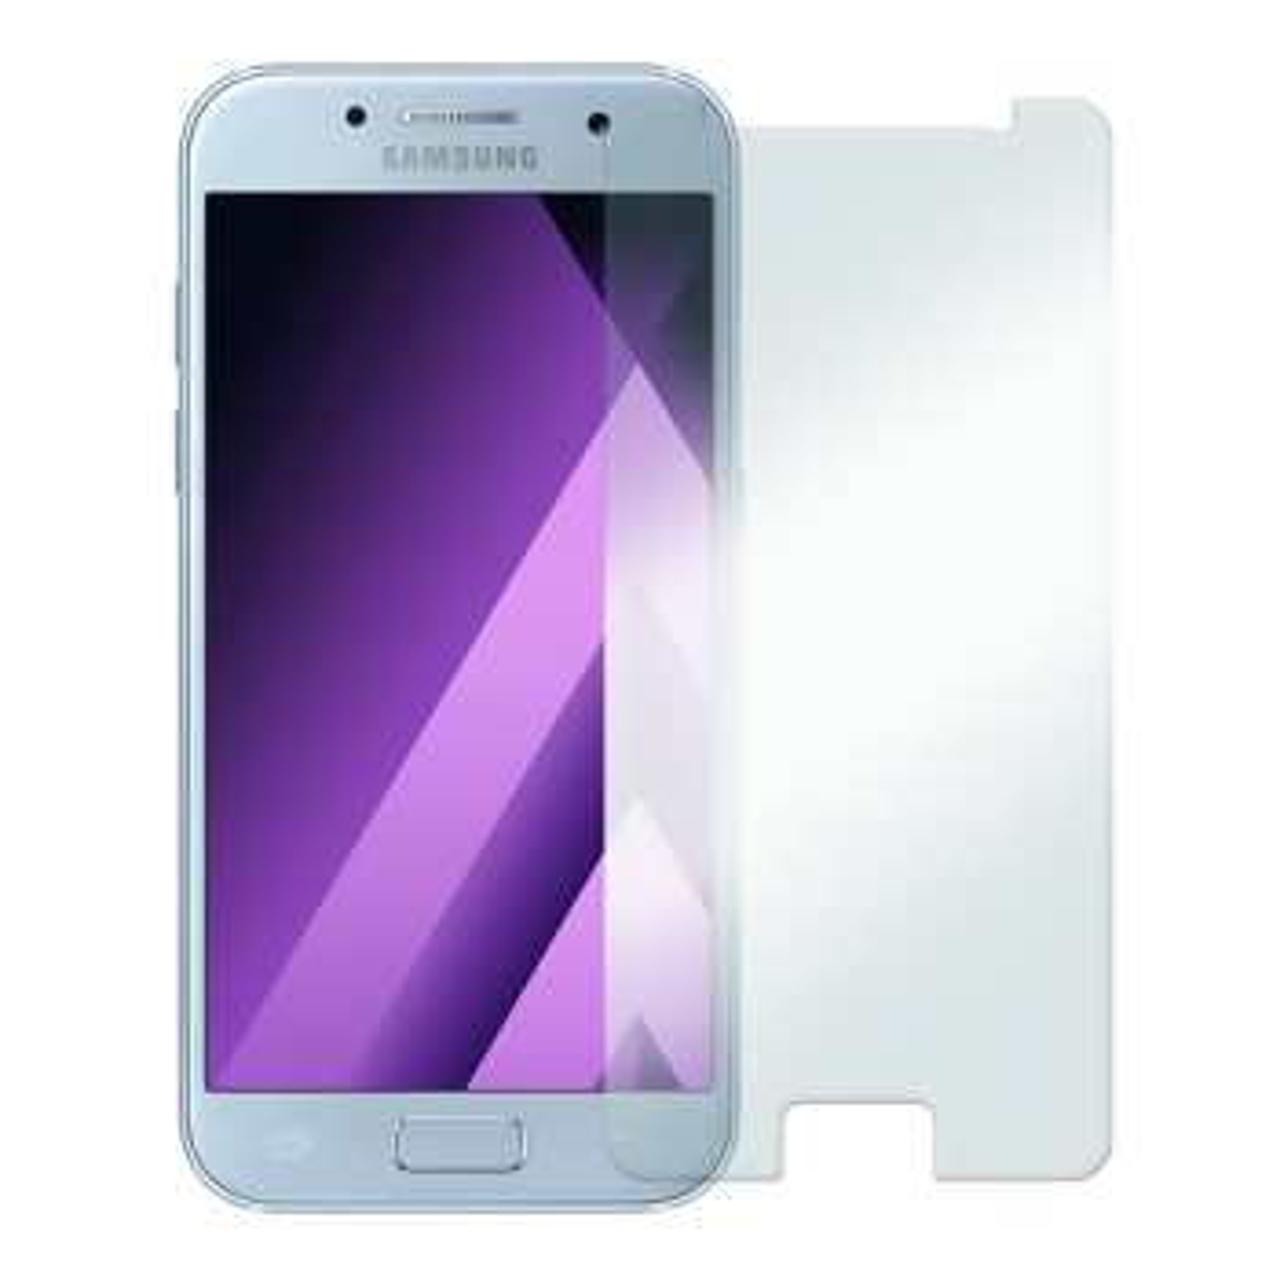 محافظ صفحه نمایش شیشه ای مدل Tempered مناسب برای گوشی موبایل سامسونگ Galaxy A3 2017